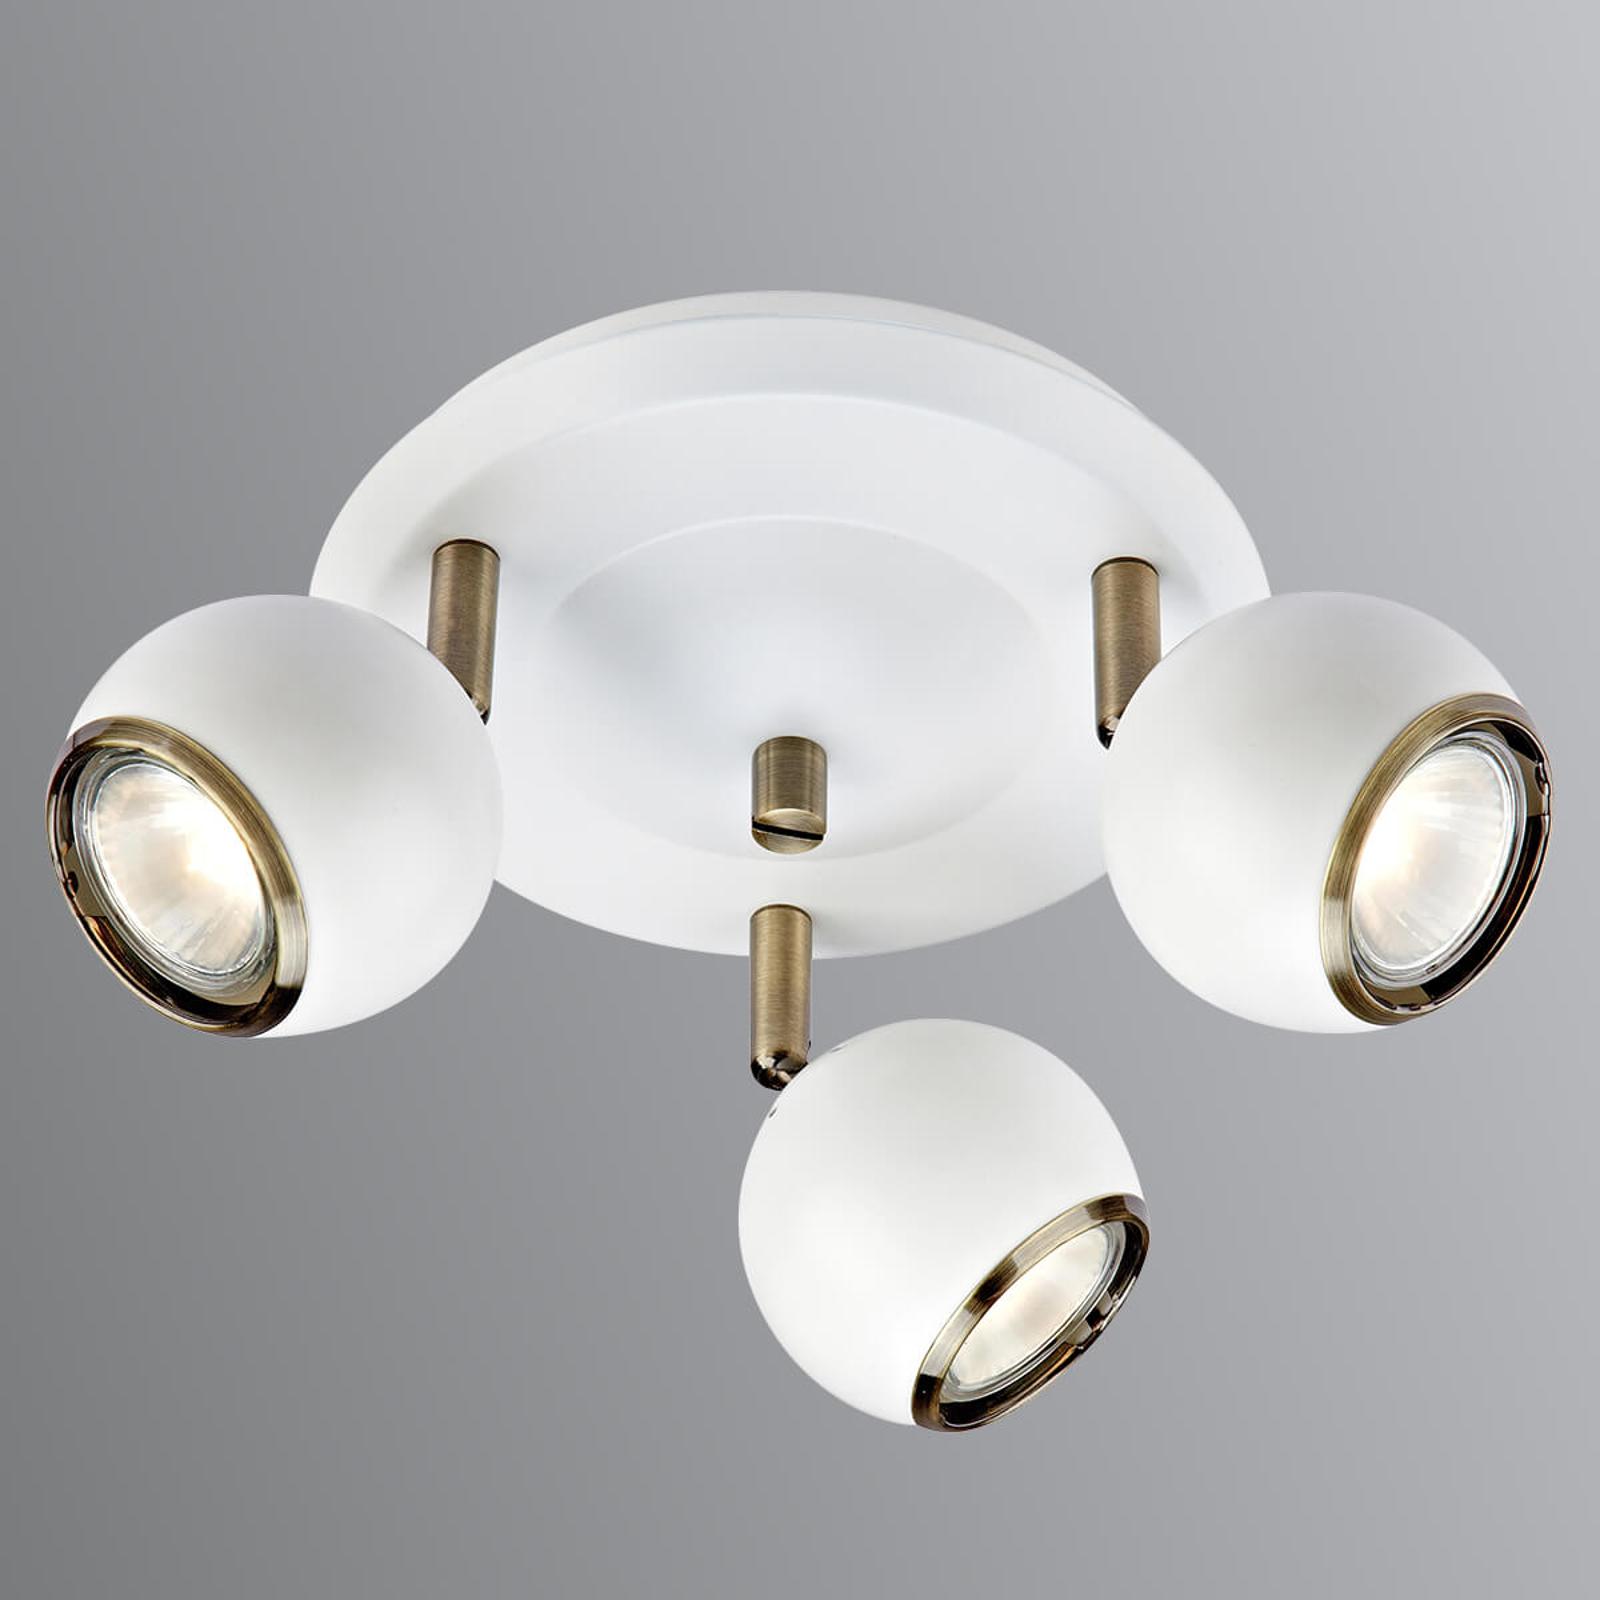 Coco - plafondlamp met drie lampen in wit